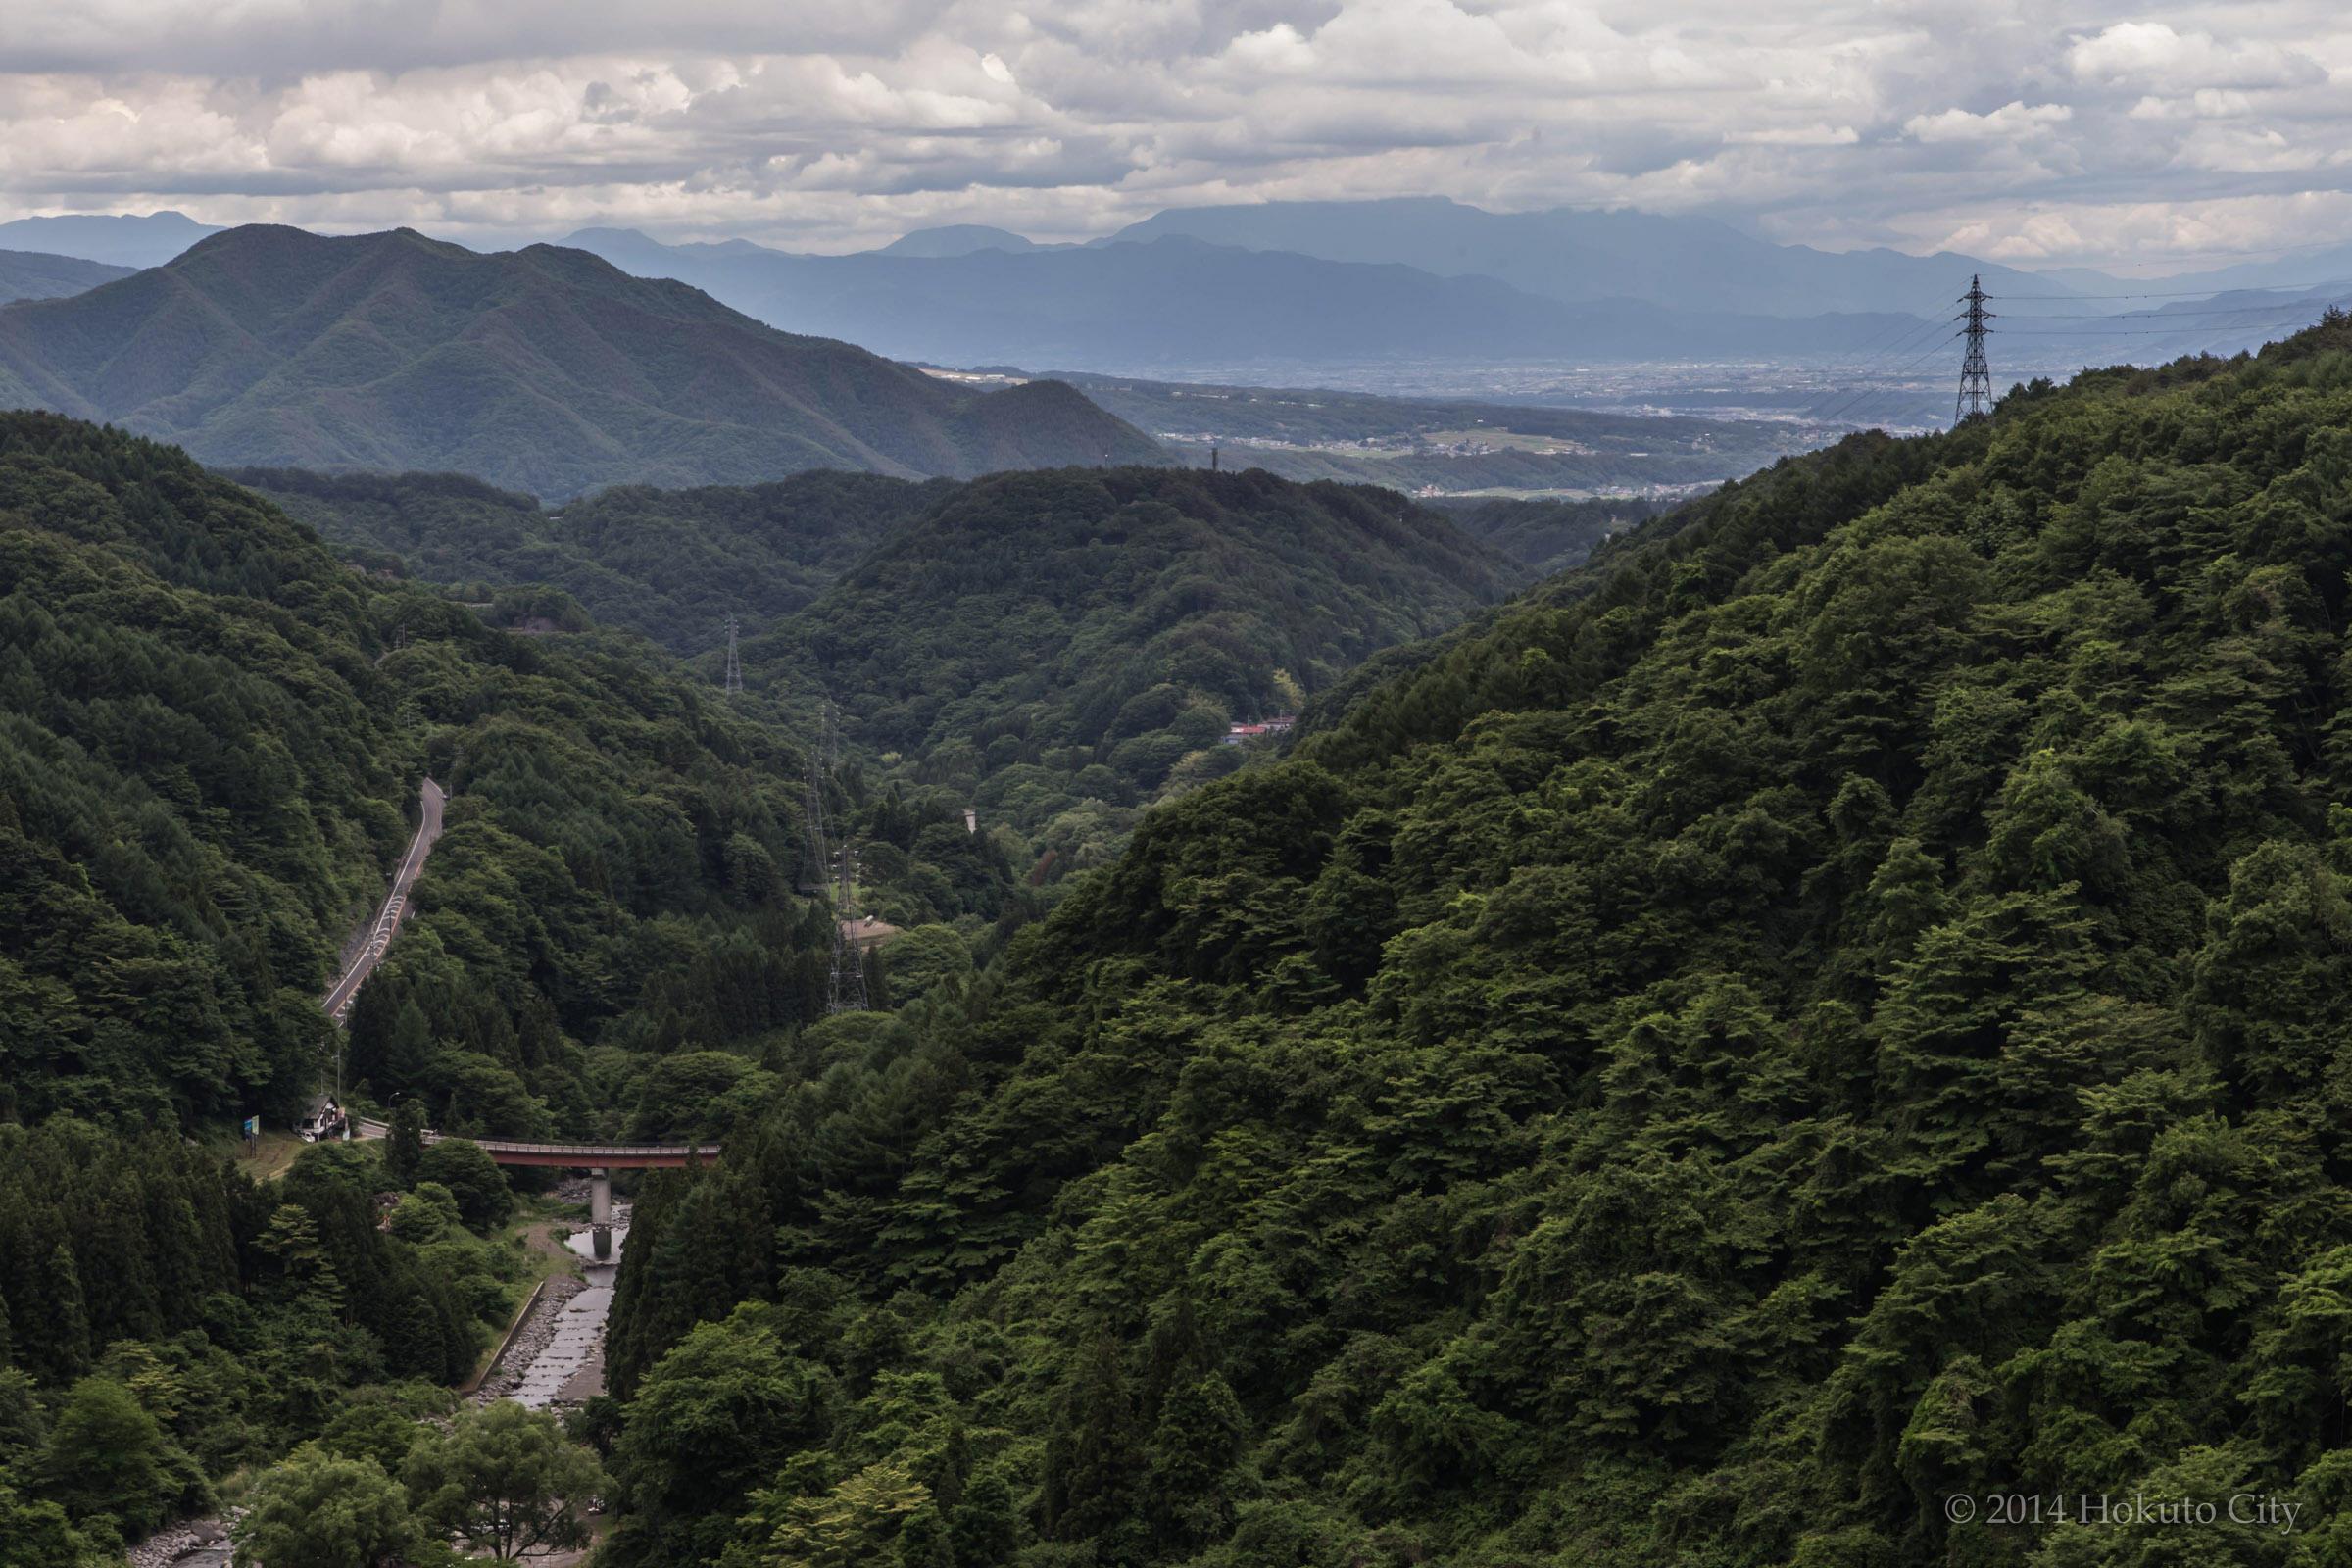 07.高原大橋からの八ヶ岳と川俣川渓谷 01